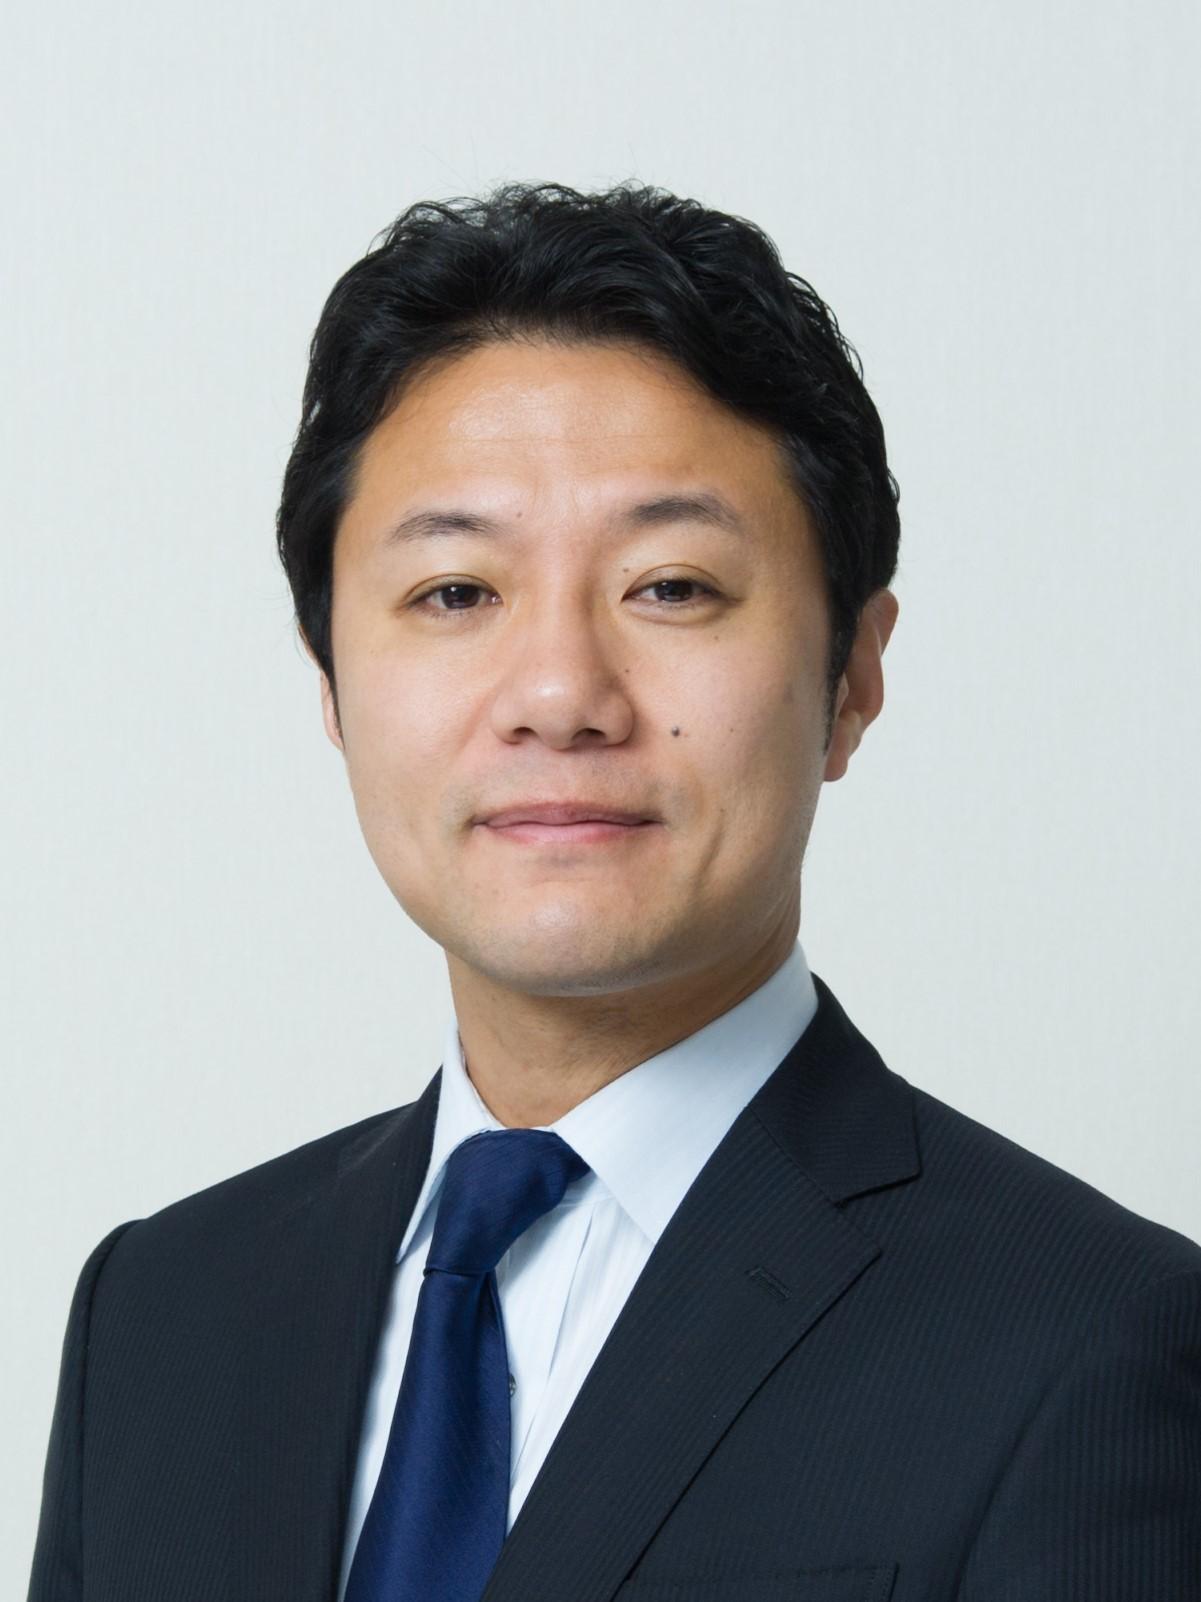 早稲田大学 大学院経営管理研究科 准教授 入山章栄 氏